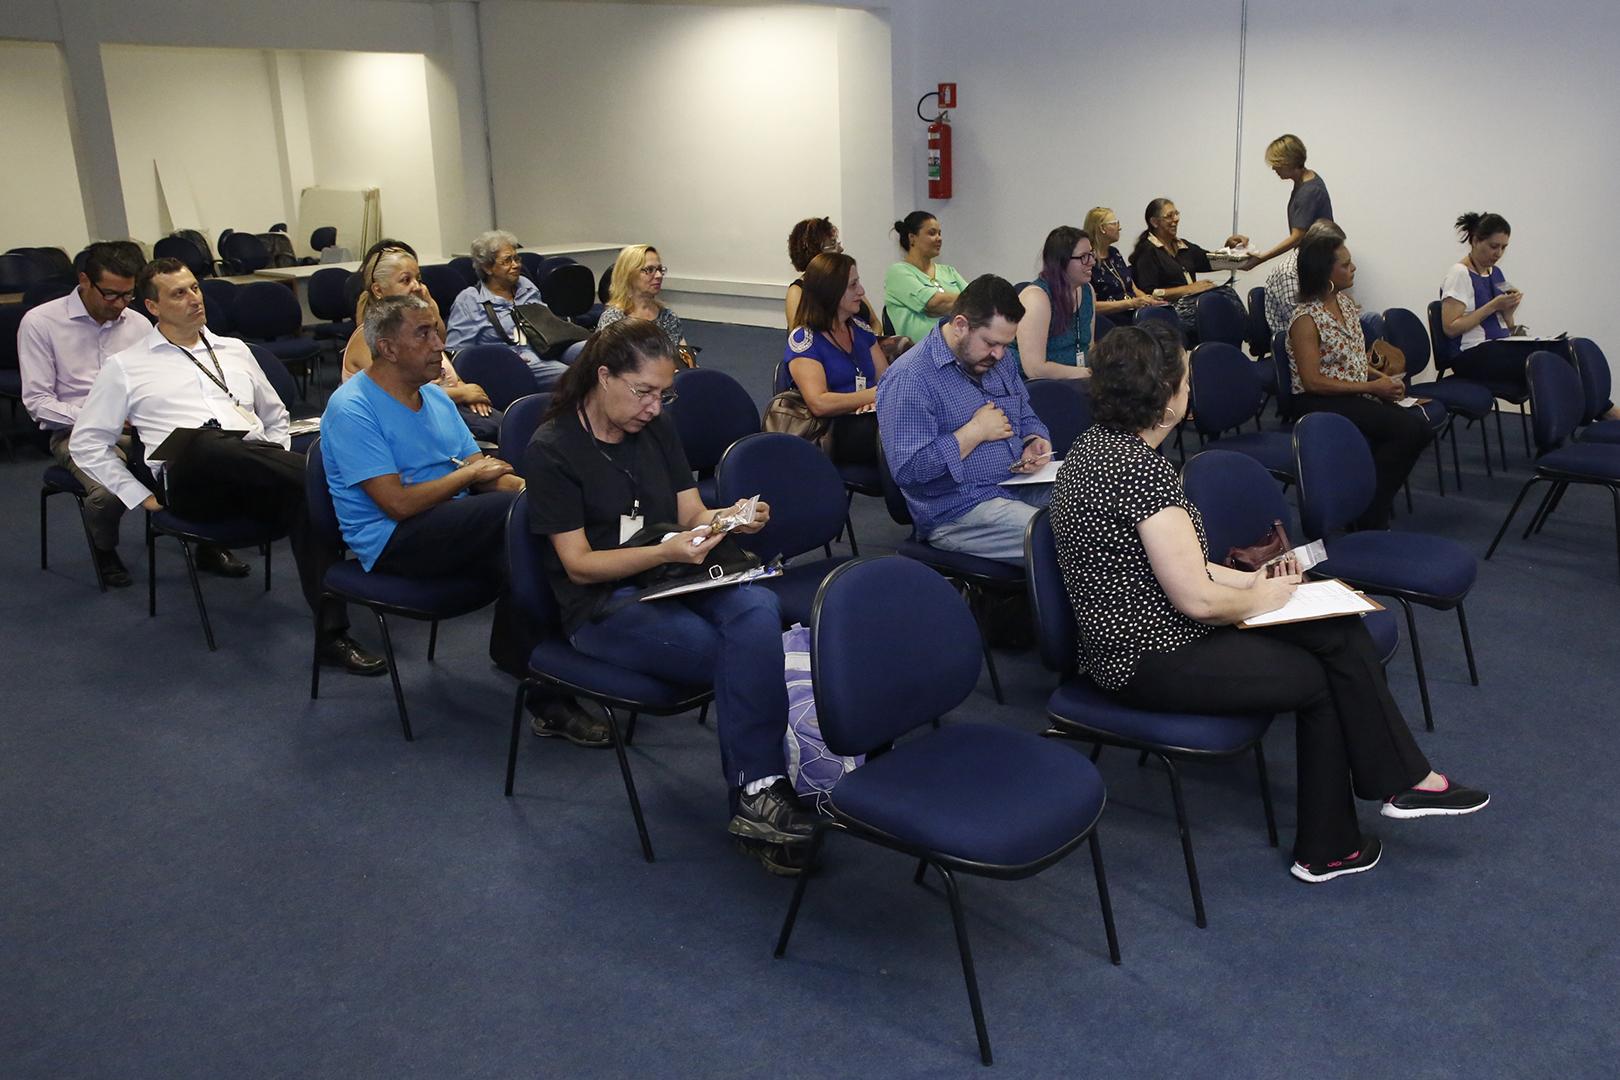 Programa Melhor Sem Tabaco promove reunião inaugural